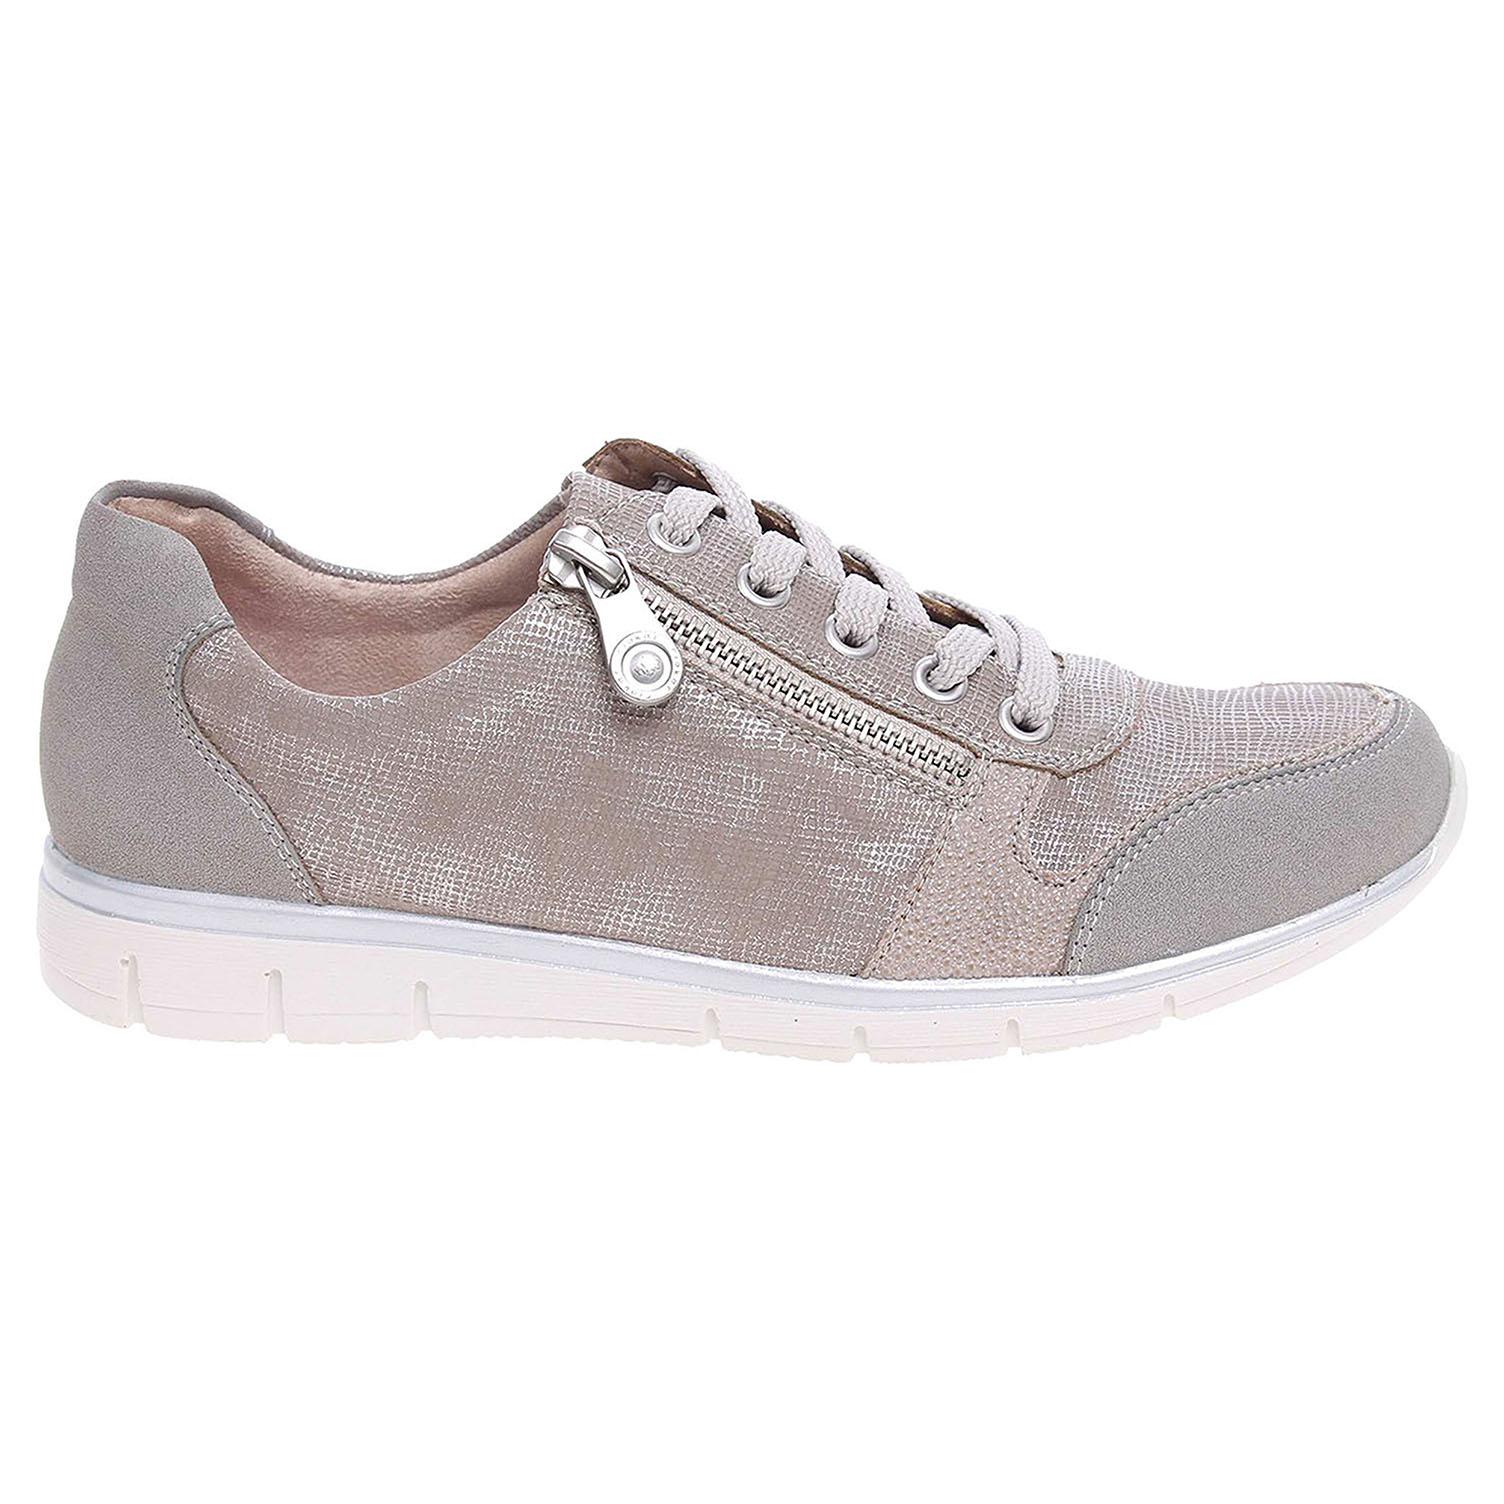 Ecco Rieker dámská obuv N4020-40 béžová-šedá 23200580